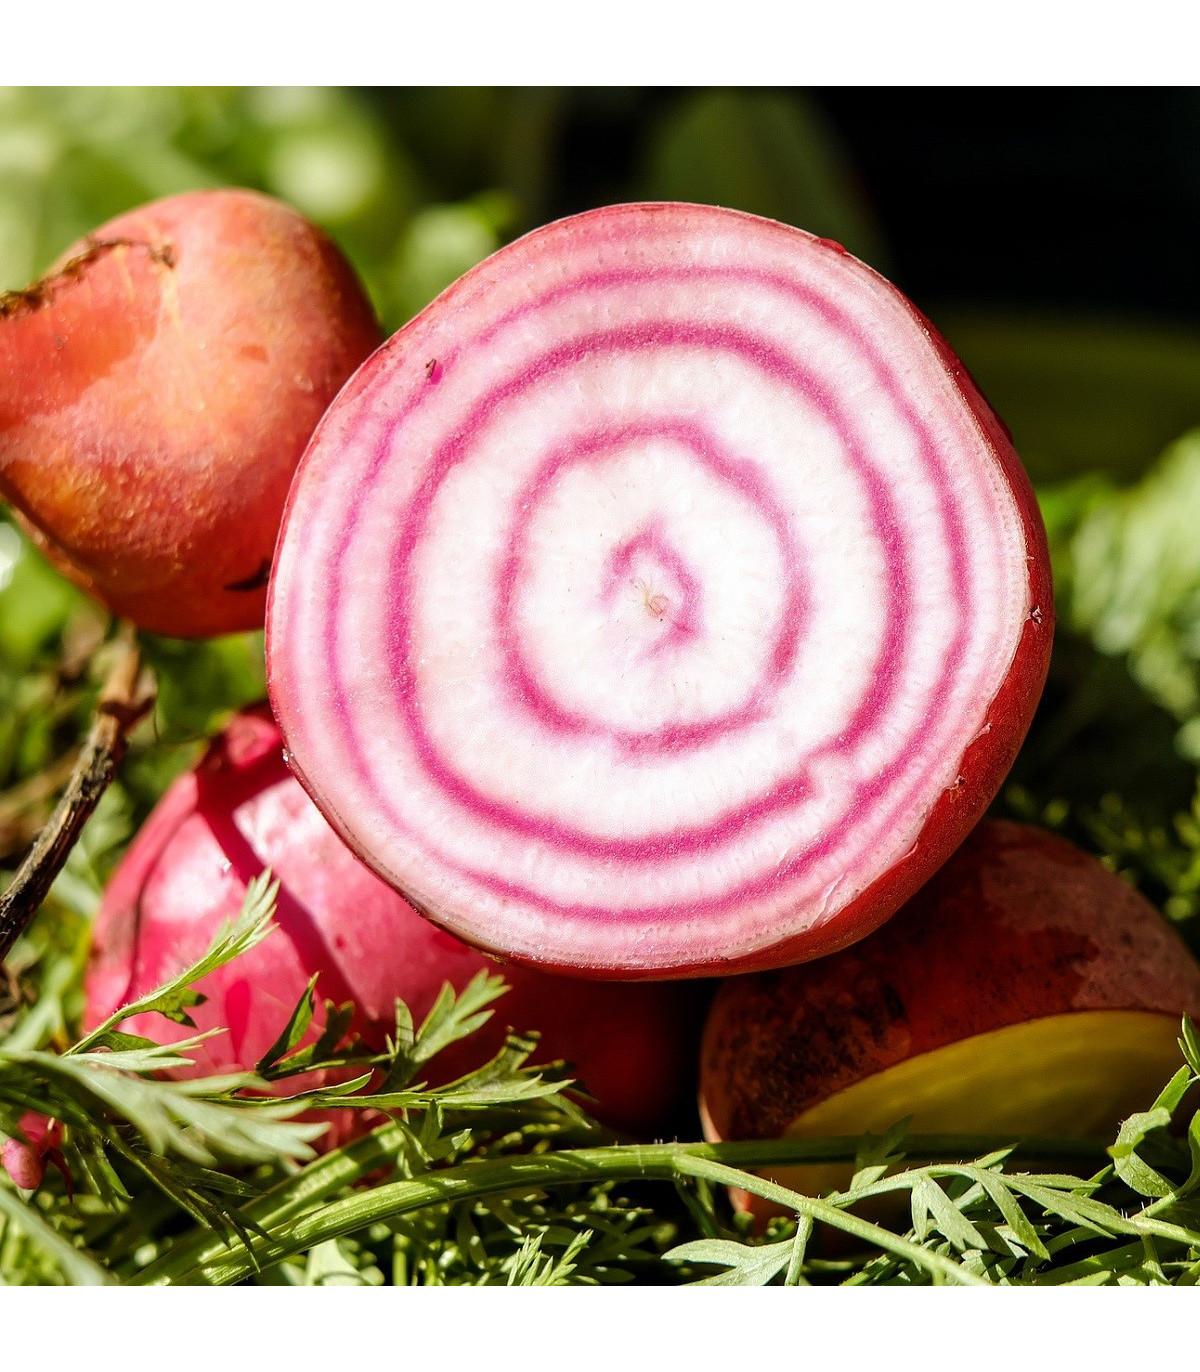 Řepa italská - Beta vulgaris - prodej původních odrůd zeleniny - 8 ks